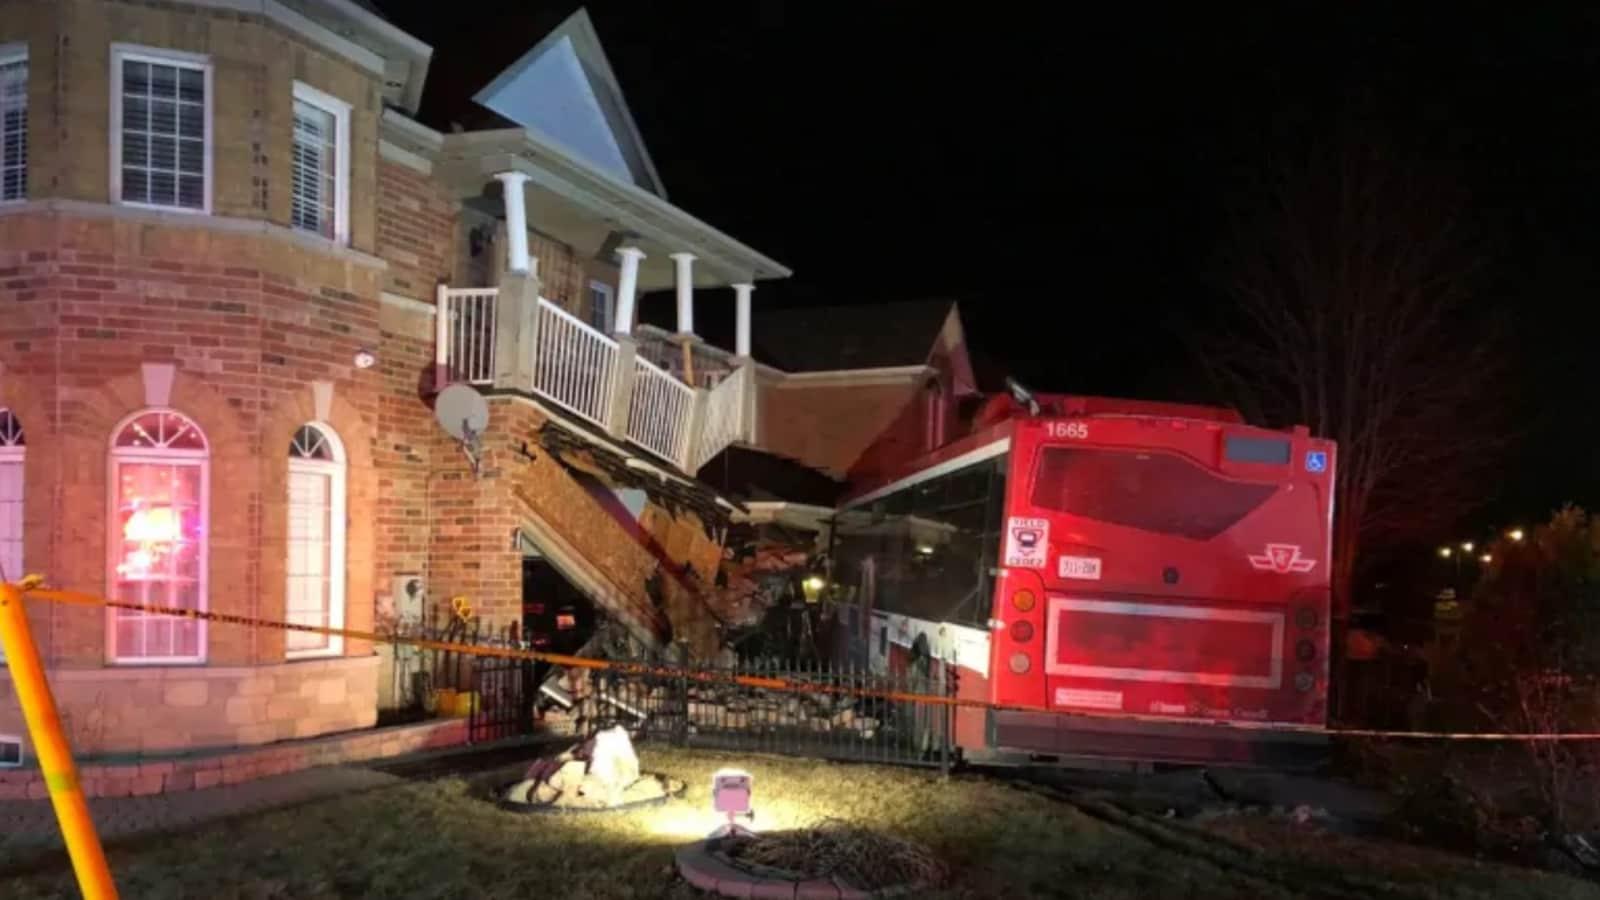 Photo d'un autobus rouge et blanc qui a embouti une partie de la façade d'une maison.